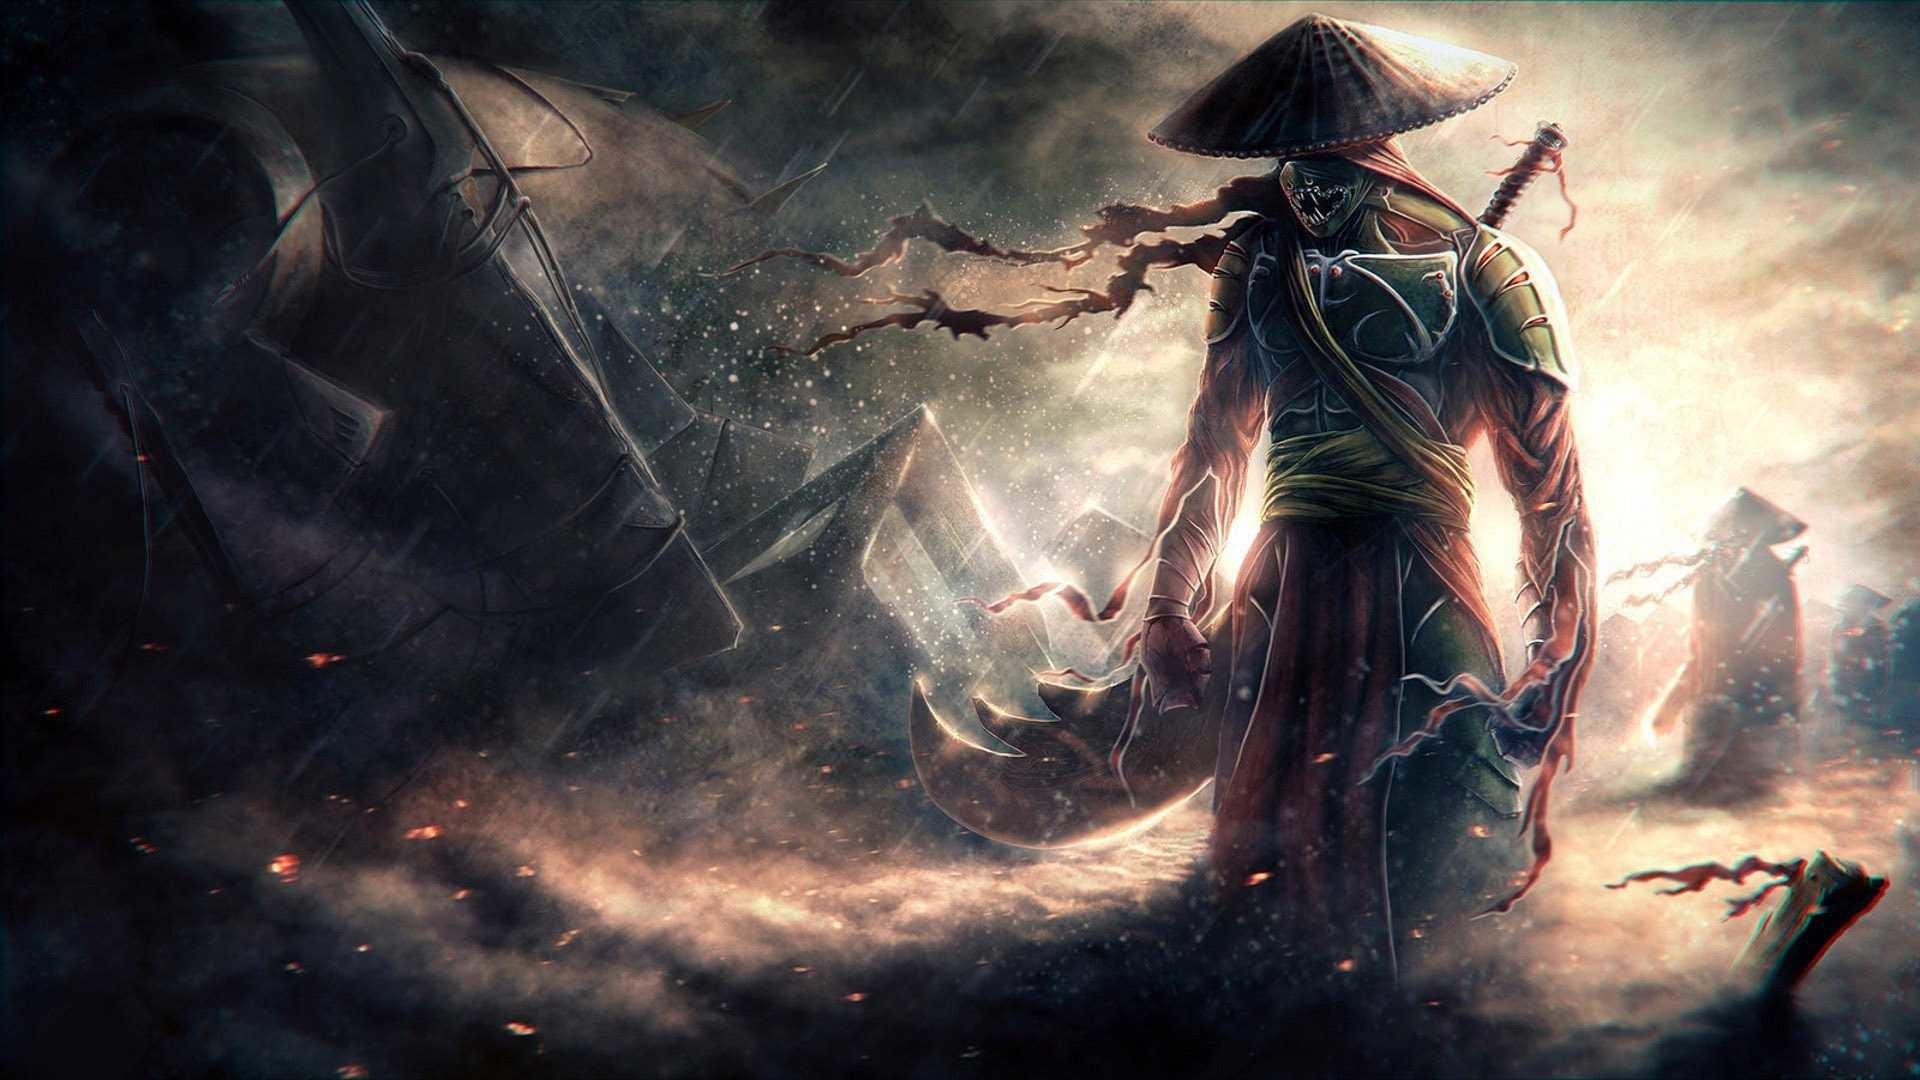 images hd samurai